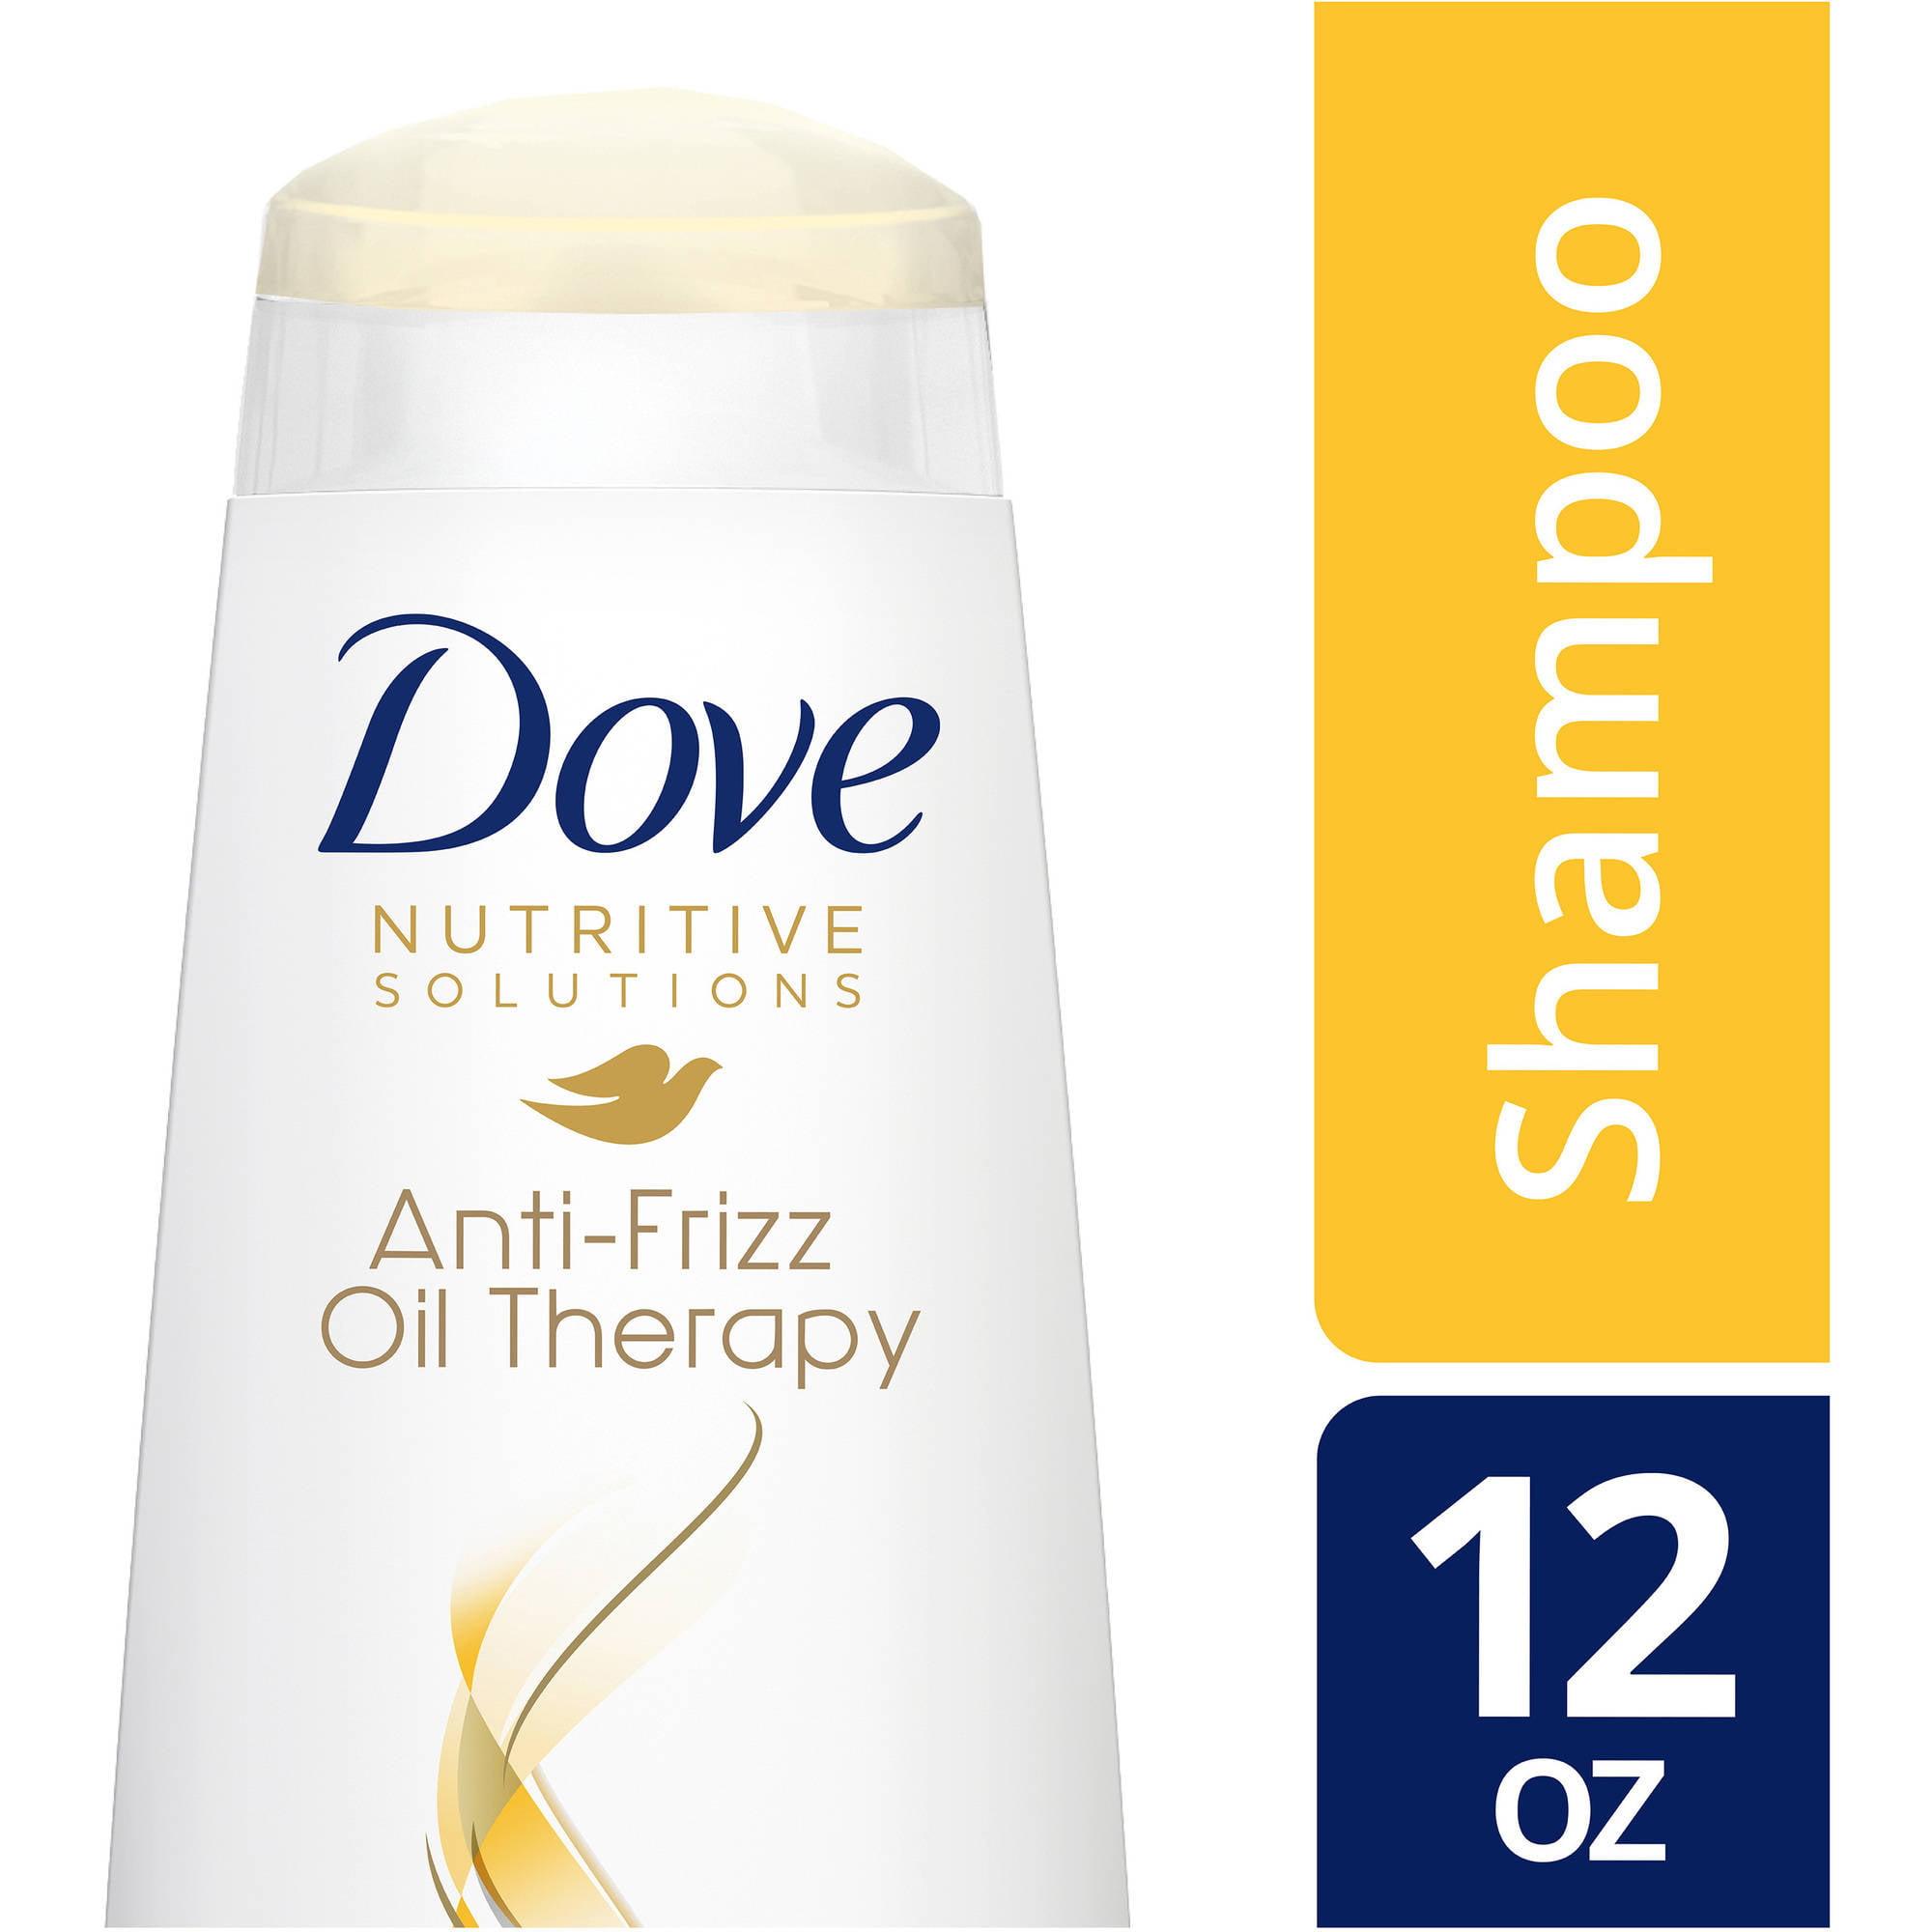 Dove Anti-Frizz Oil Therapy Shampoo, 12 oz